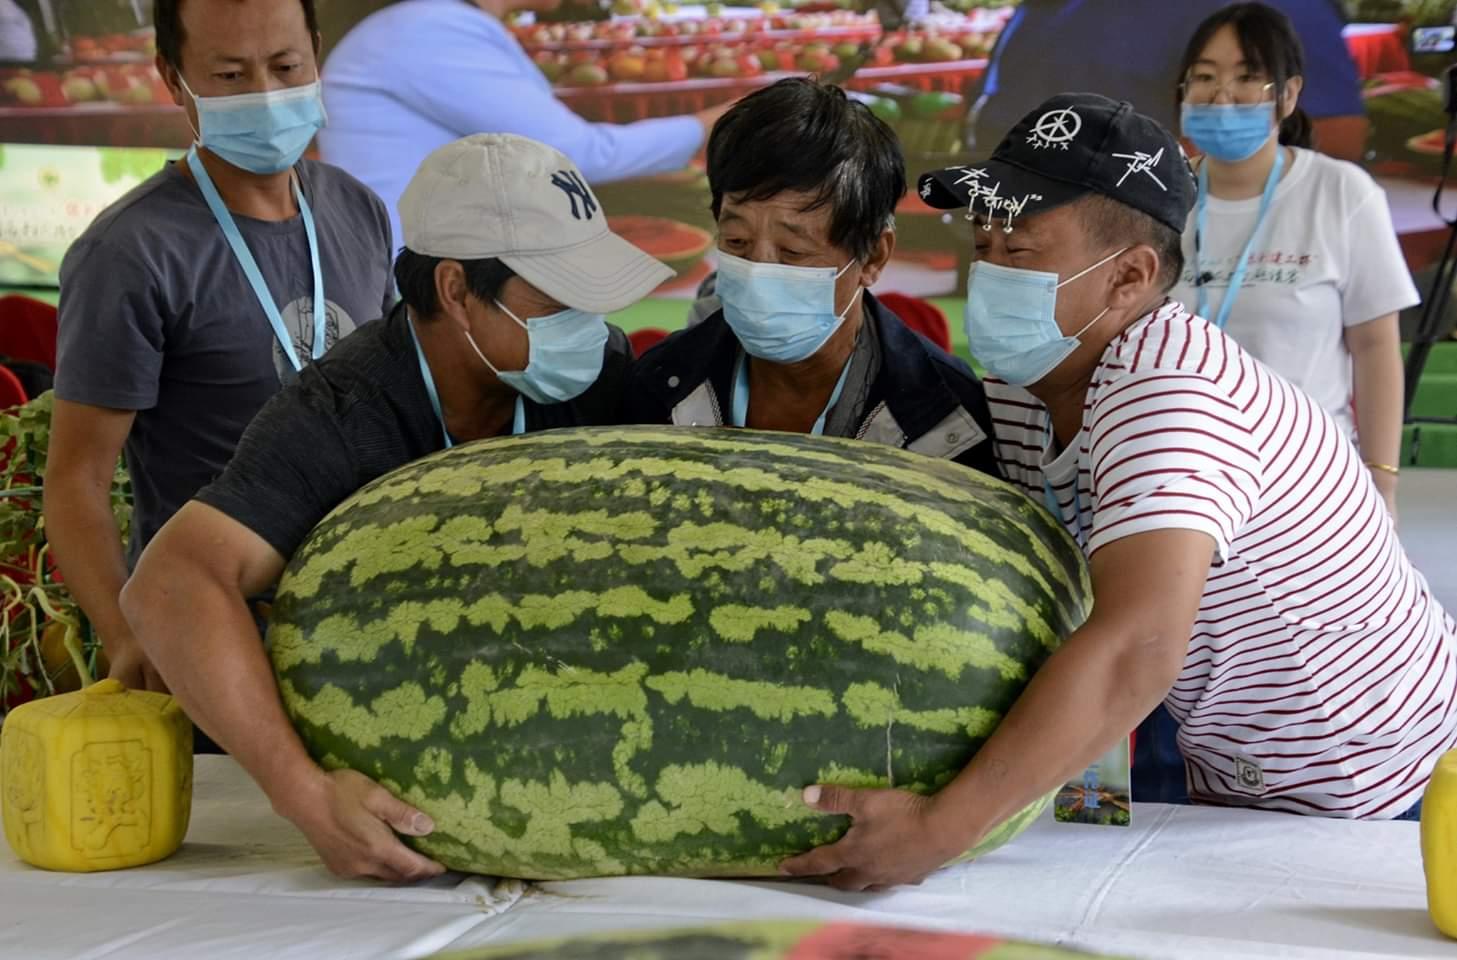 في الصورة الملتقطة يوم 28 مايو 2020، عمال يحملون بطيخة ضخمة تزن 86.3 كيلوغرام، في الدورة الـ32 لمسابقة البطيخ الوطنية المقامة في حي داشينغ ببكين.